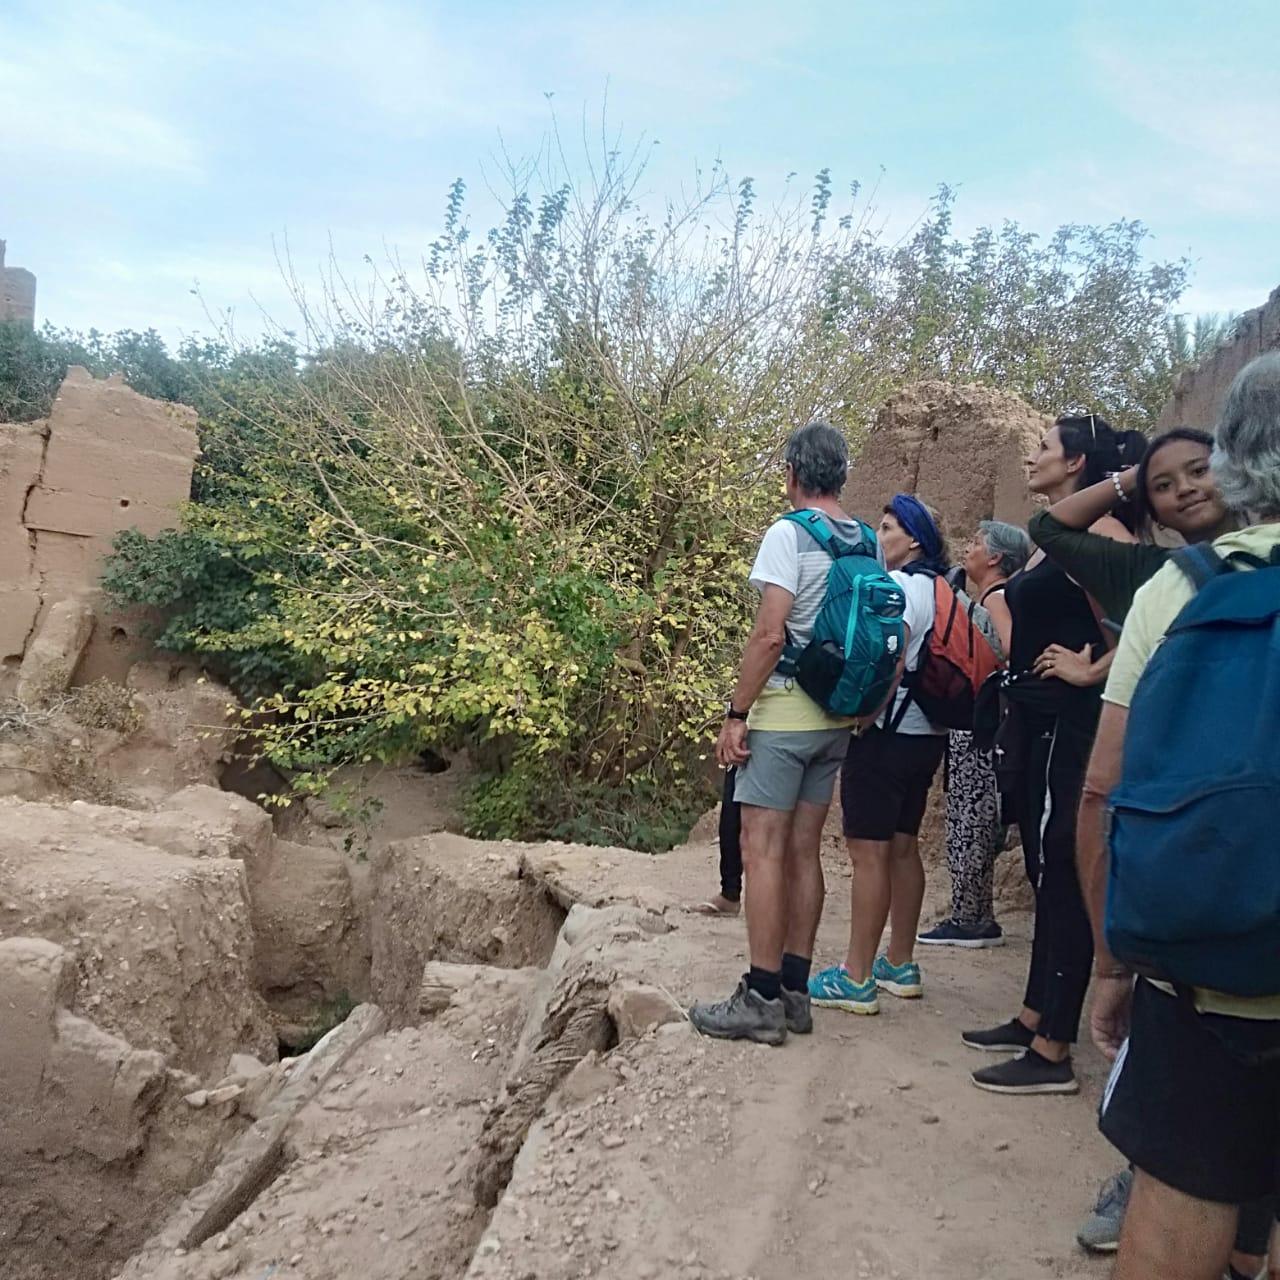 groupe qui regarde un ancien village